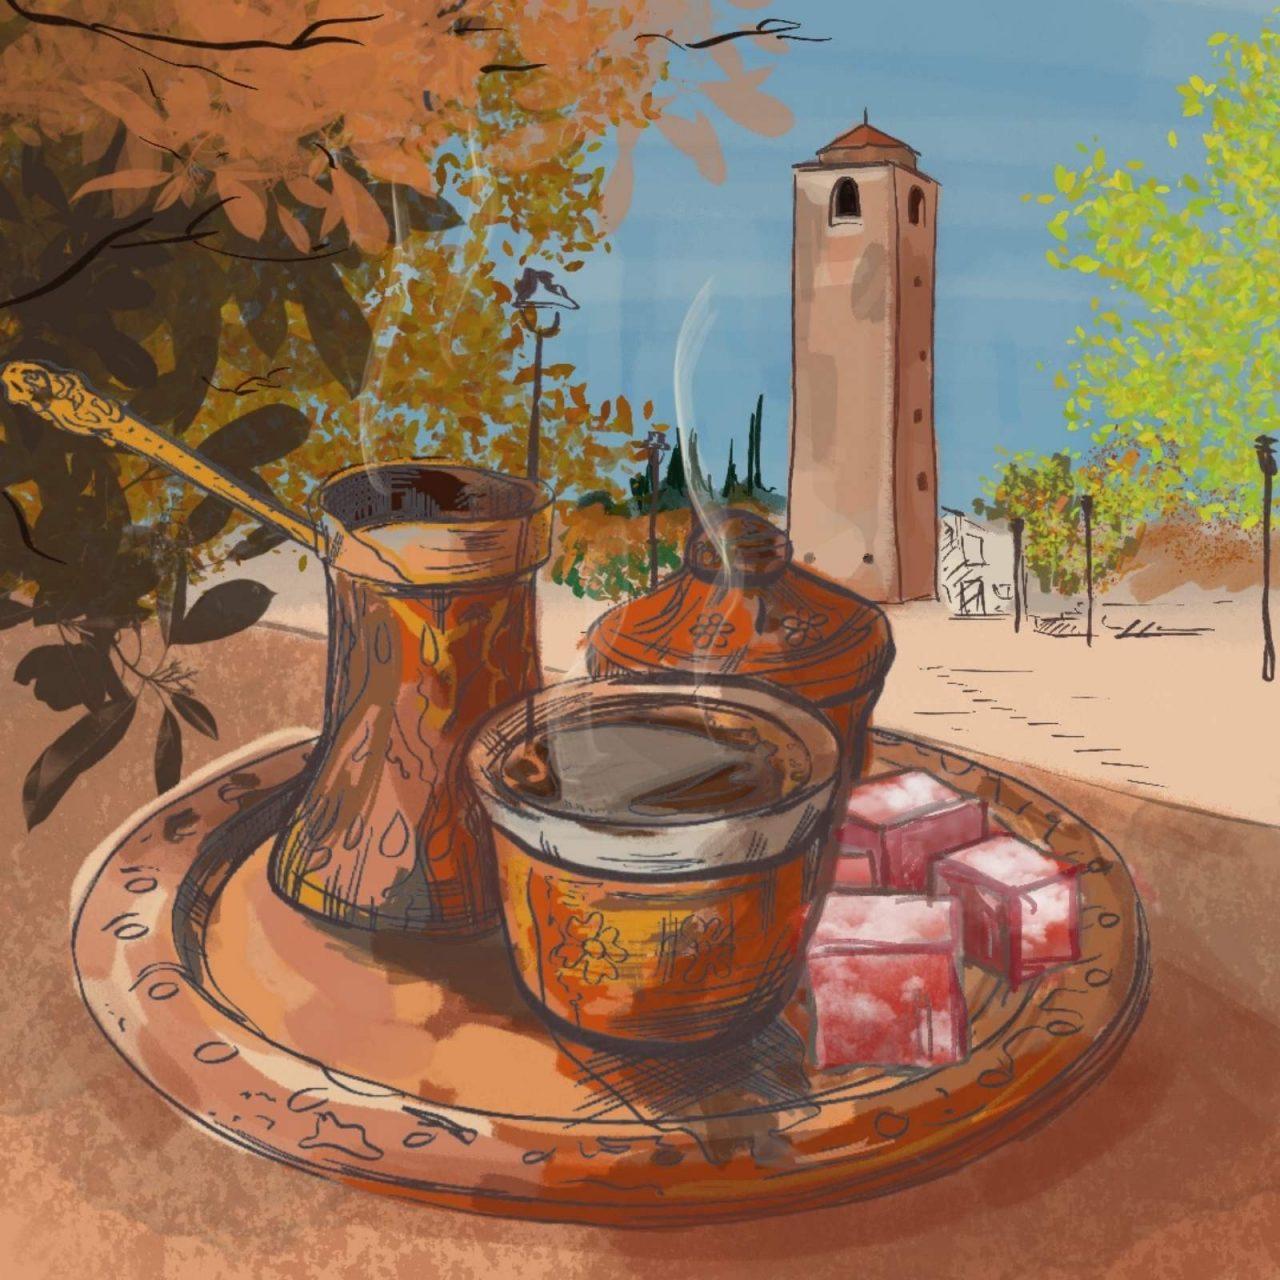 Ne propustite starogradski melos i kafu za merak kod Sahat kule